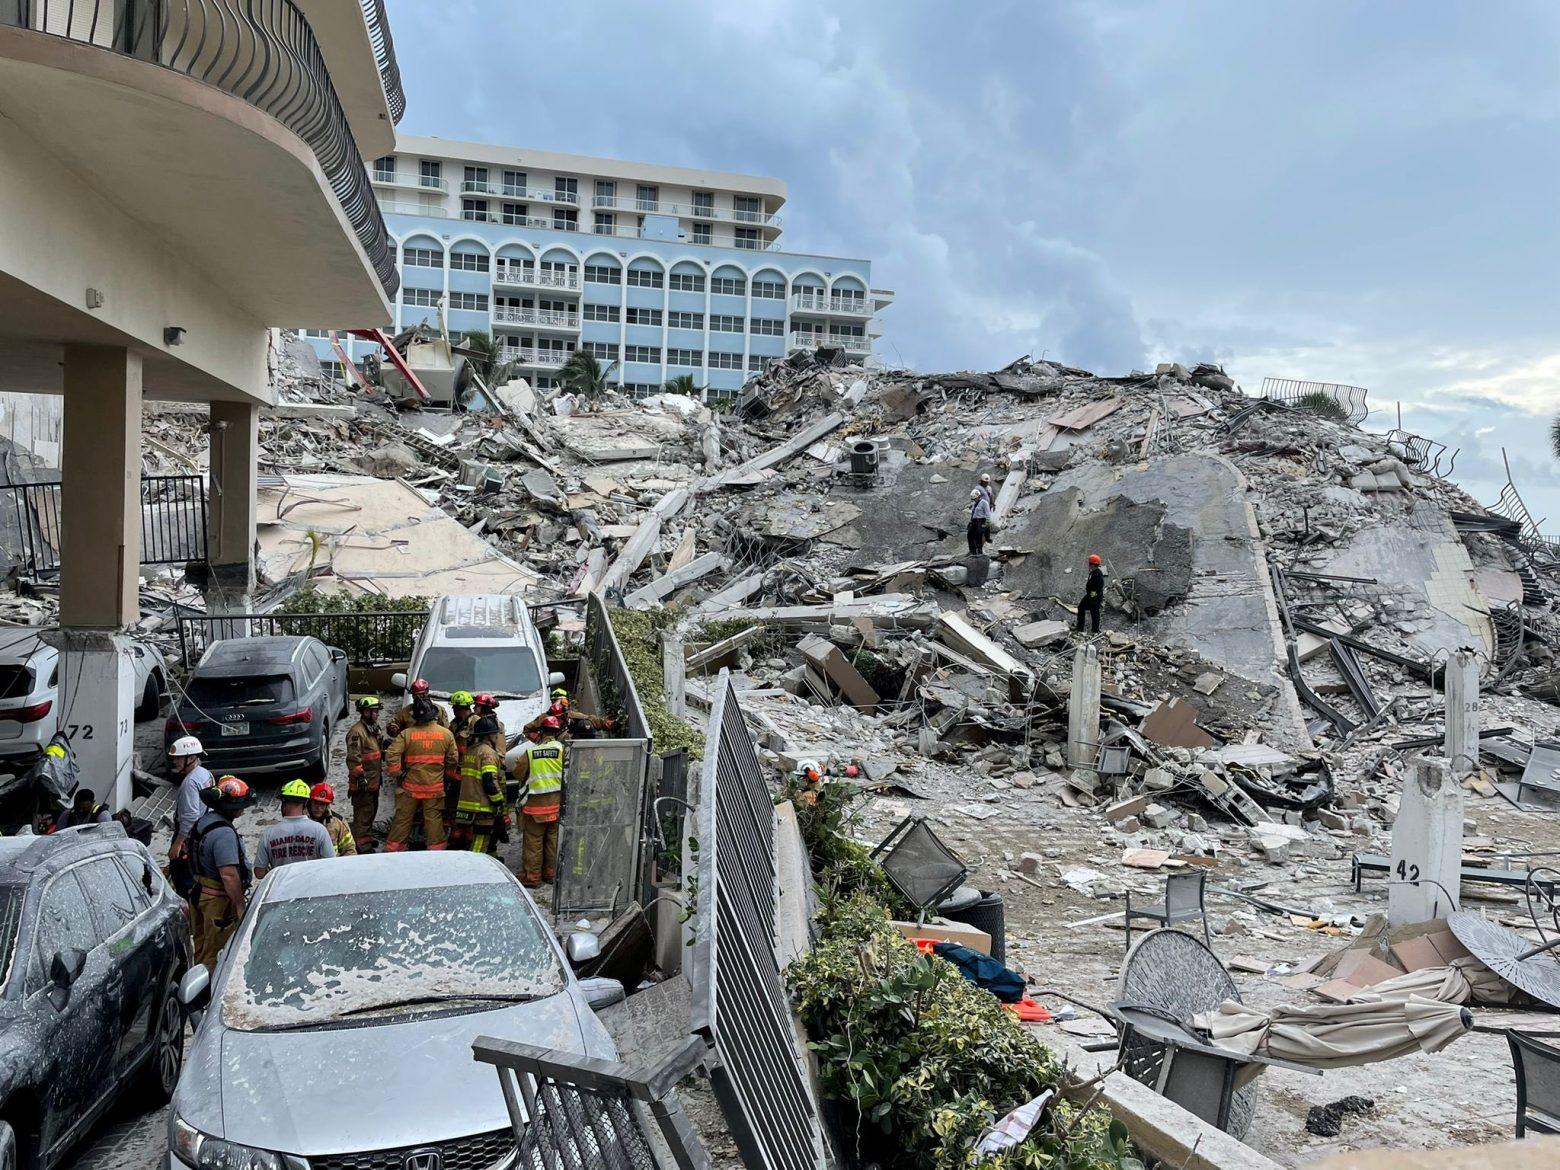 Μαϊάμι: Στους 86 οι νεκροί – Σταμάτησαν τις έρευνες και περνούν στην περισυλλογή πτωμάτων